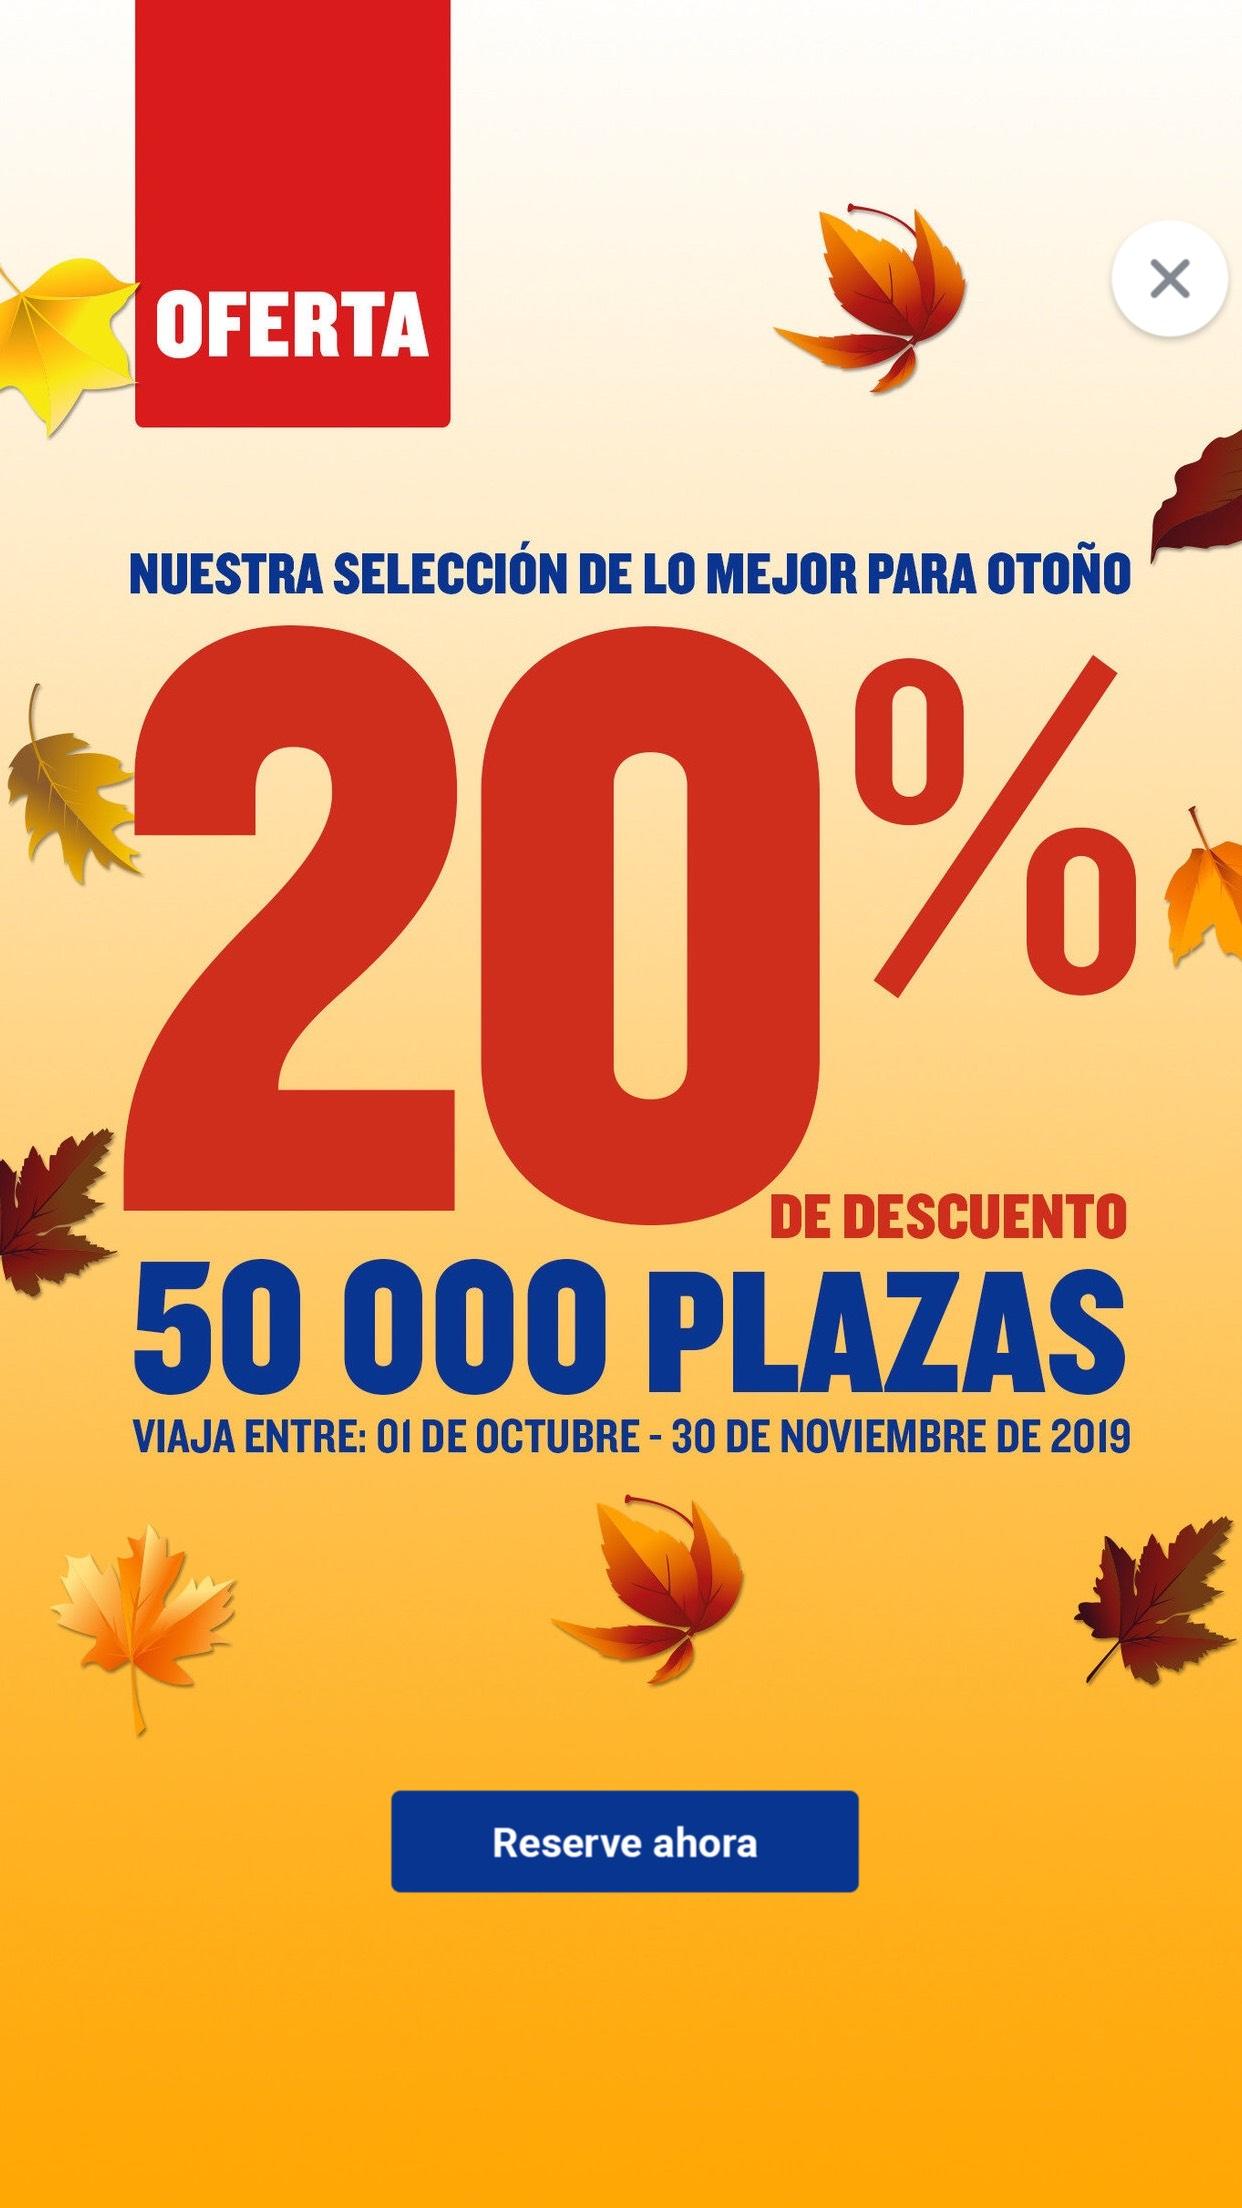 Ryanair: 20 % de descuento en 50 000 plazas